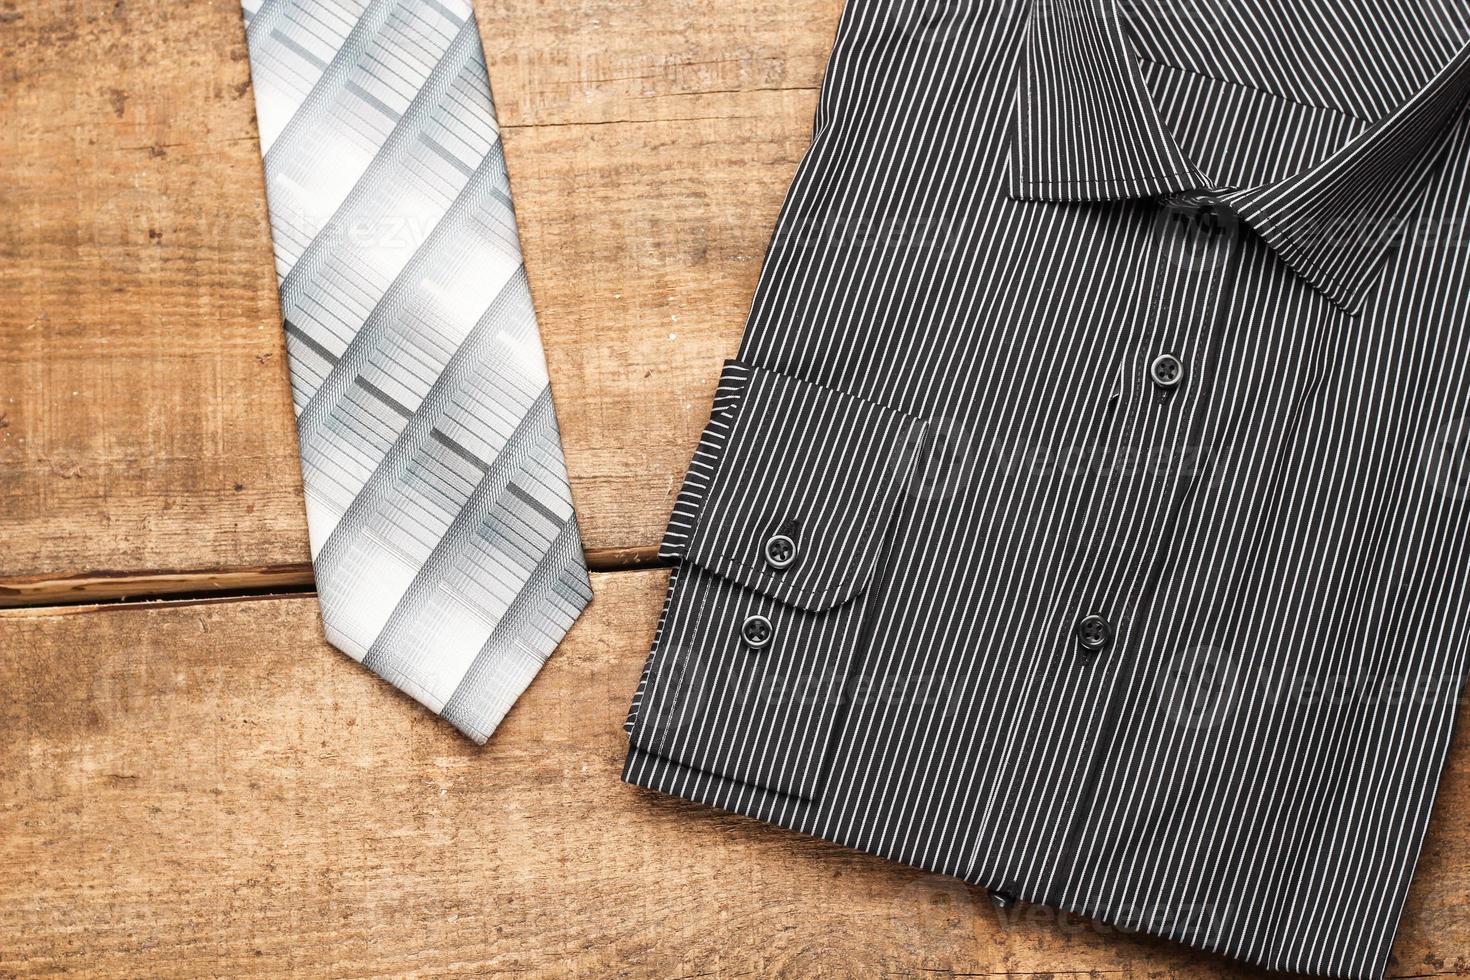 camicia e cravatta su un tavolo di legno foto